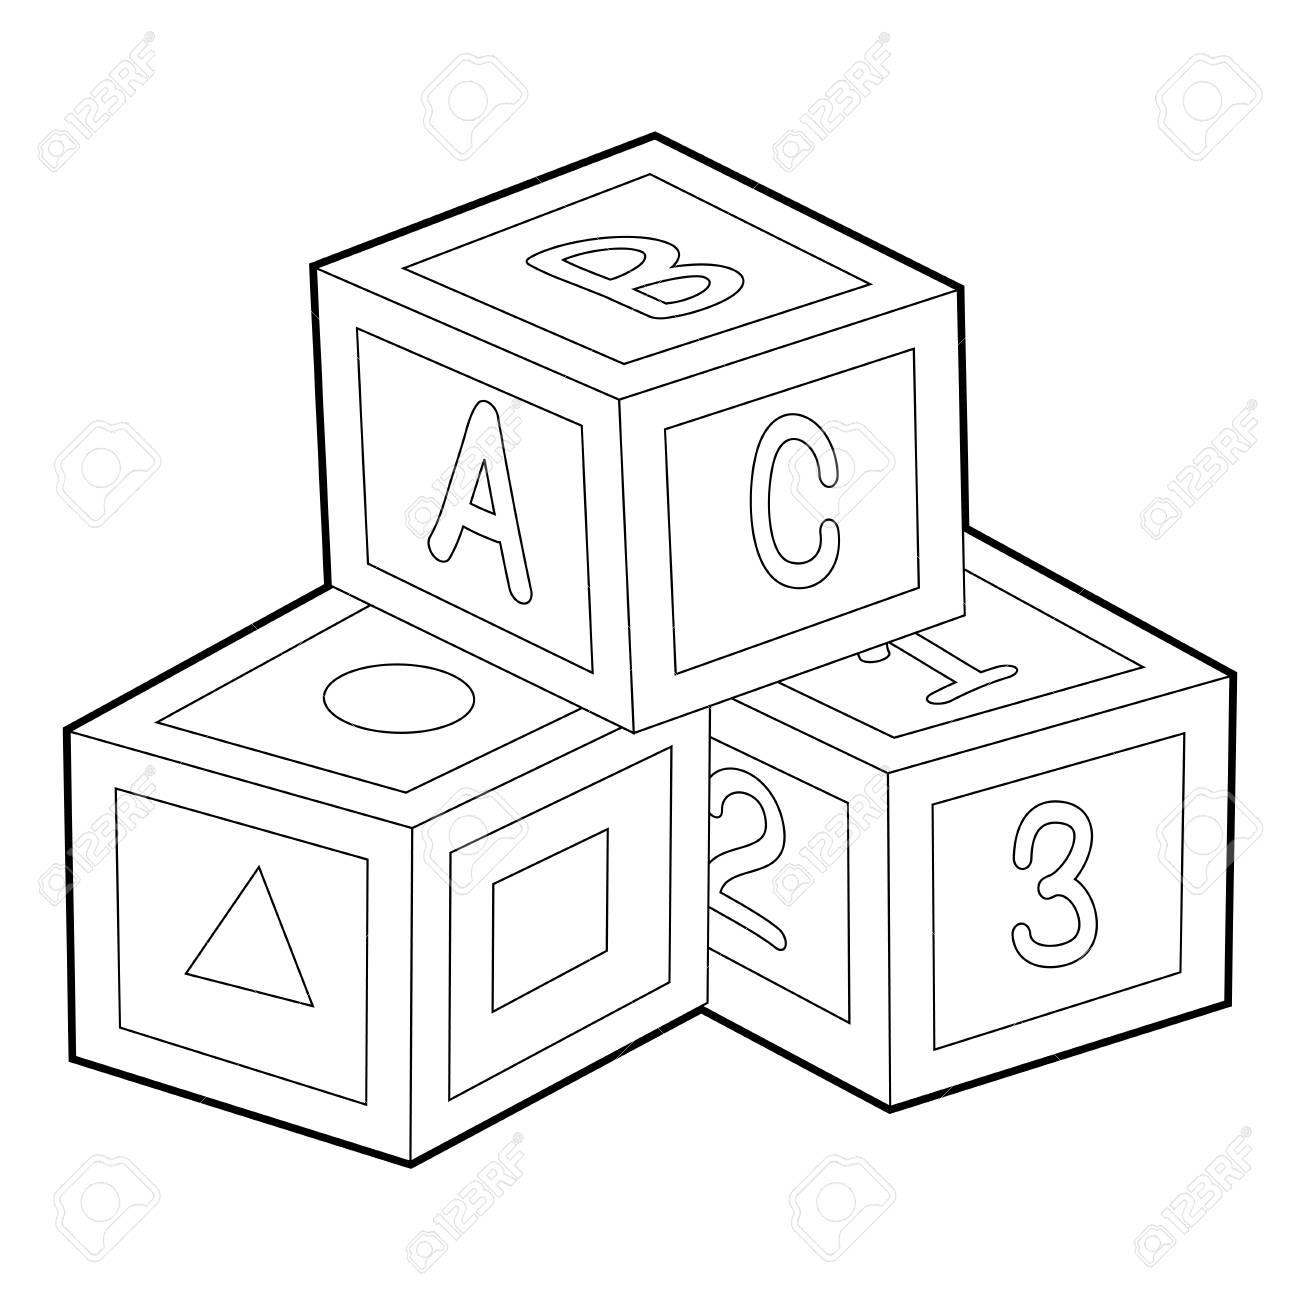 Abc Blocks Drawing At Getdrawings